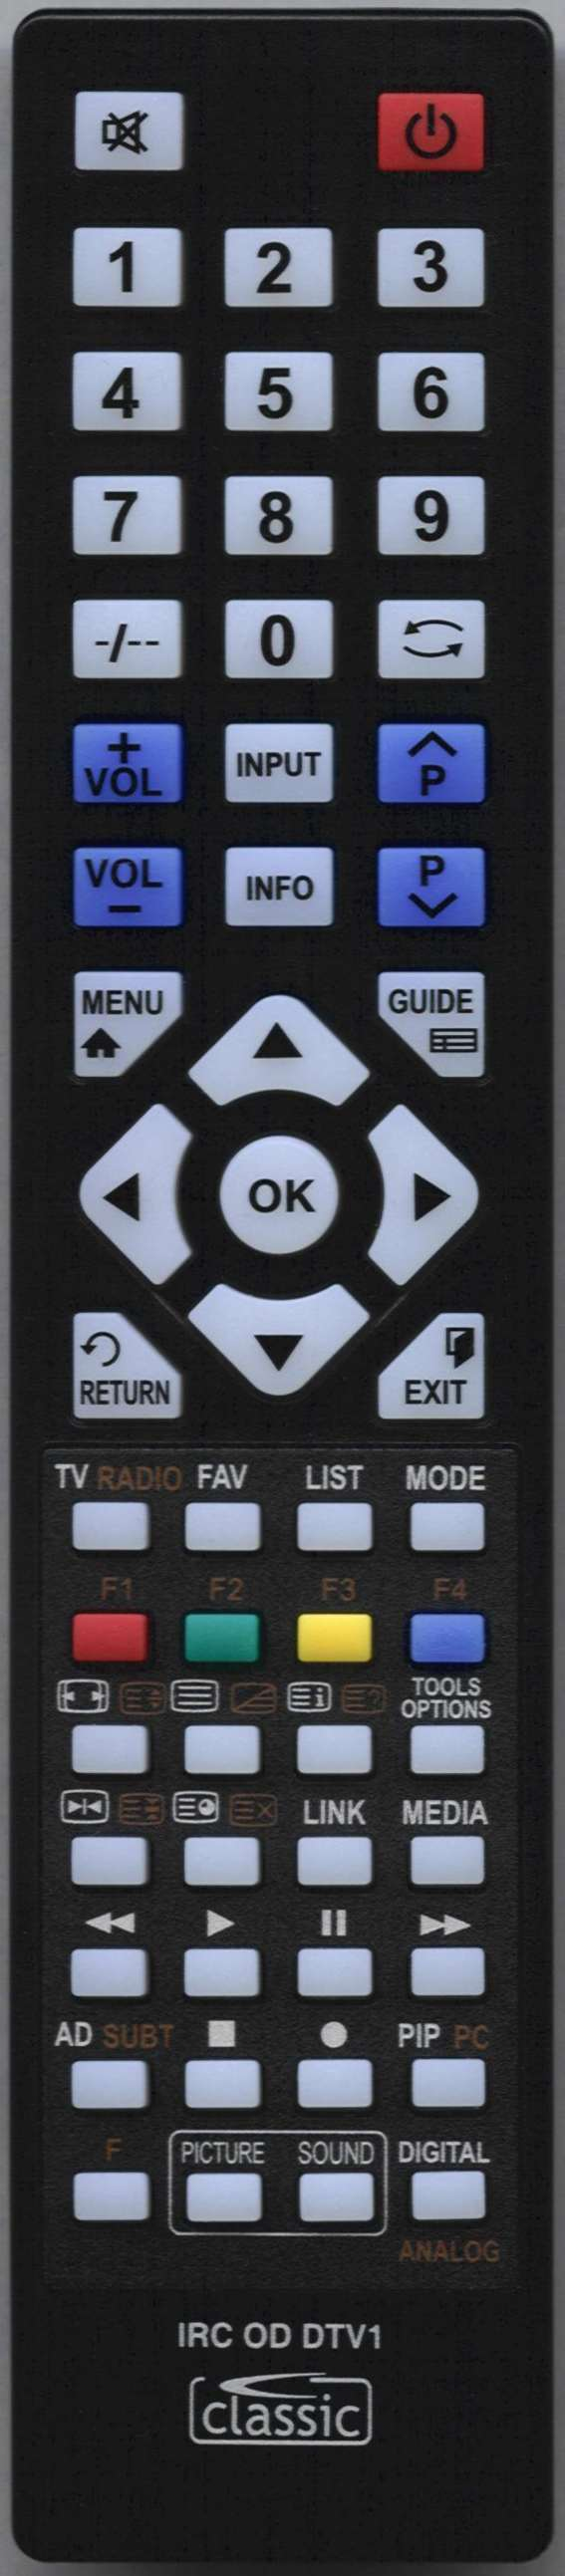 AKURA APL2YR2268U Remote Control